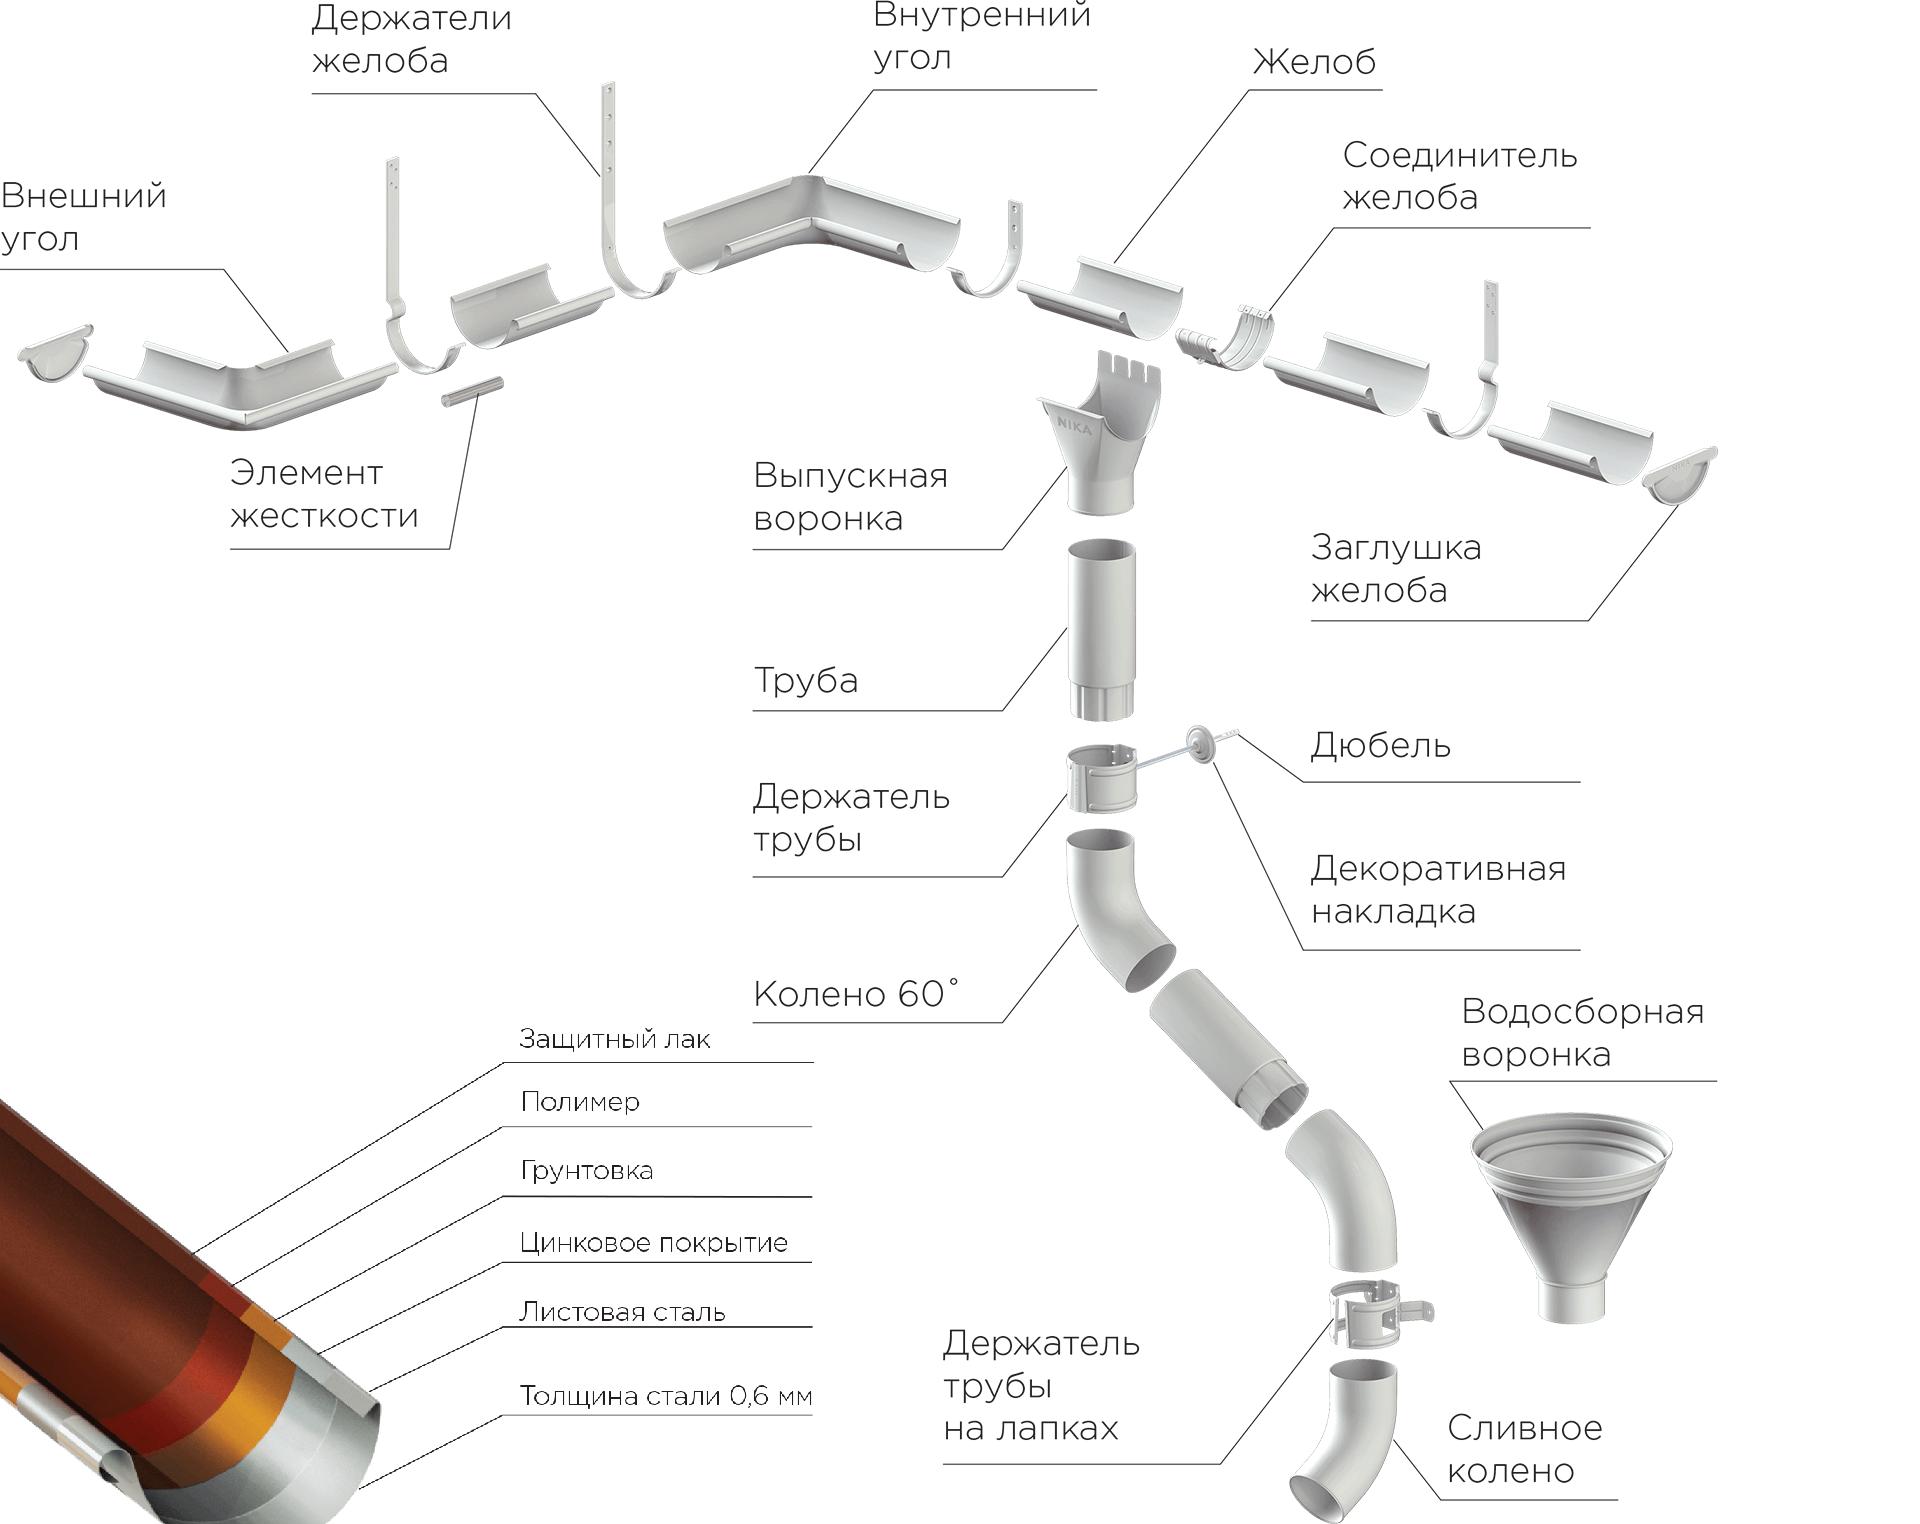 Водосточная система круглого сечения НИКА в Саратове - купить Водосточная система круглого сечения НИКА в Саратове прайс-лист цена 2020